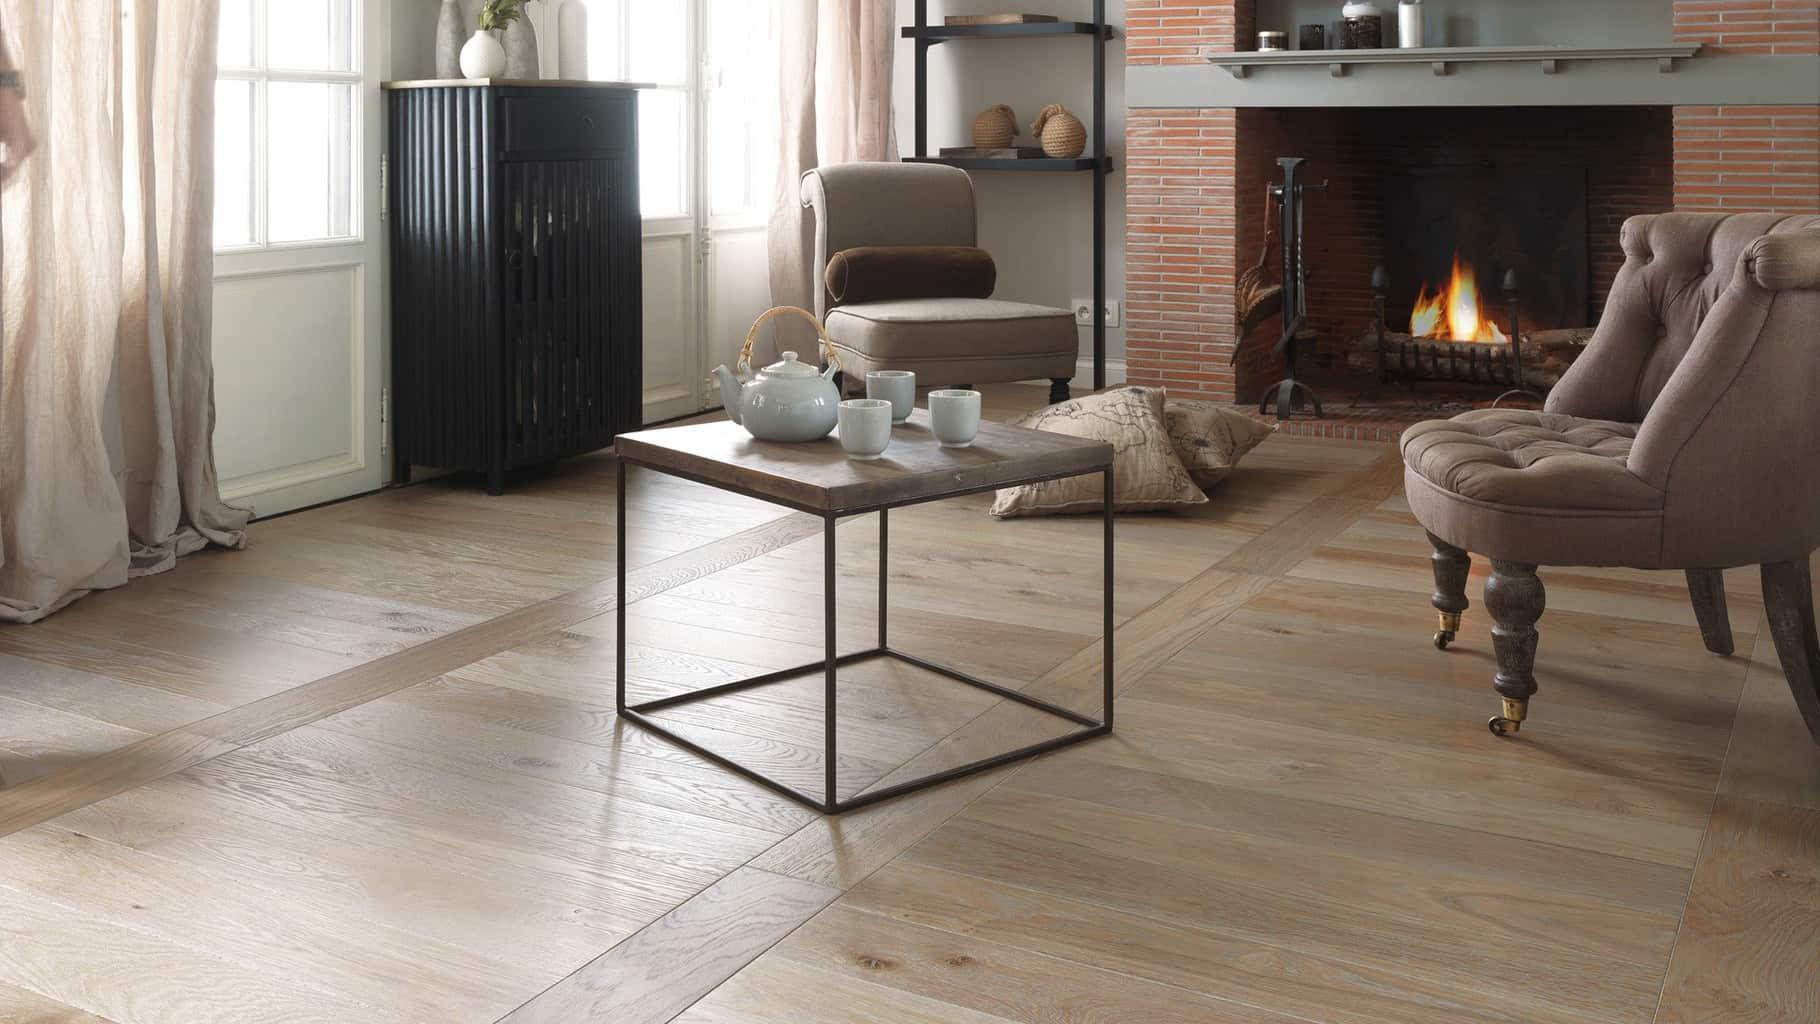 Vloer Laten Schuren : Houten vloer schuren houten vloer schuren